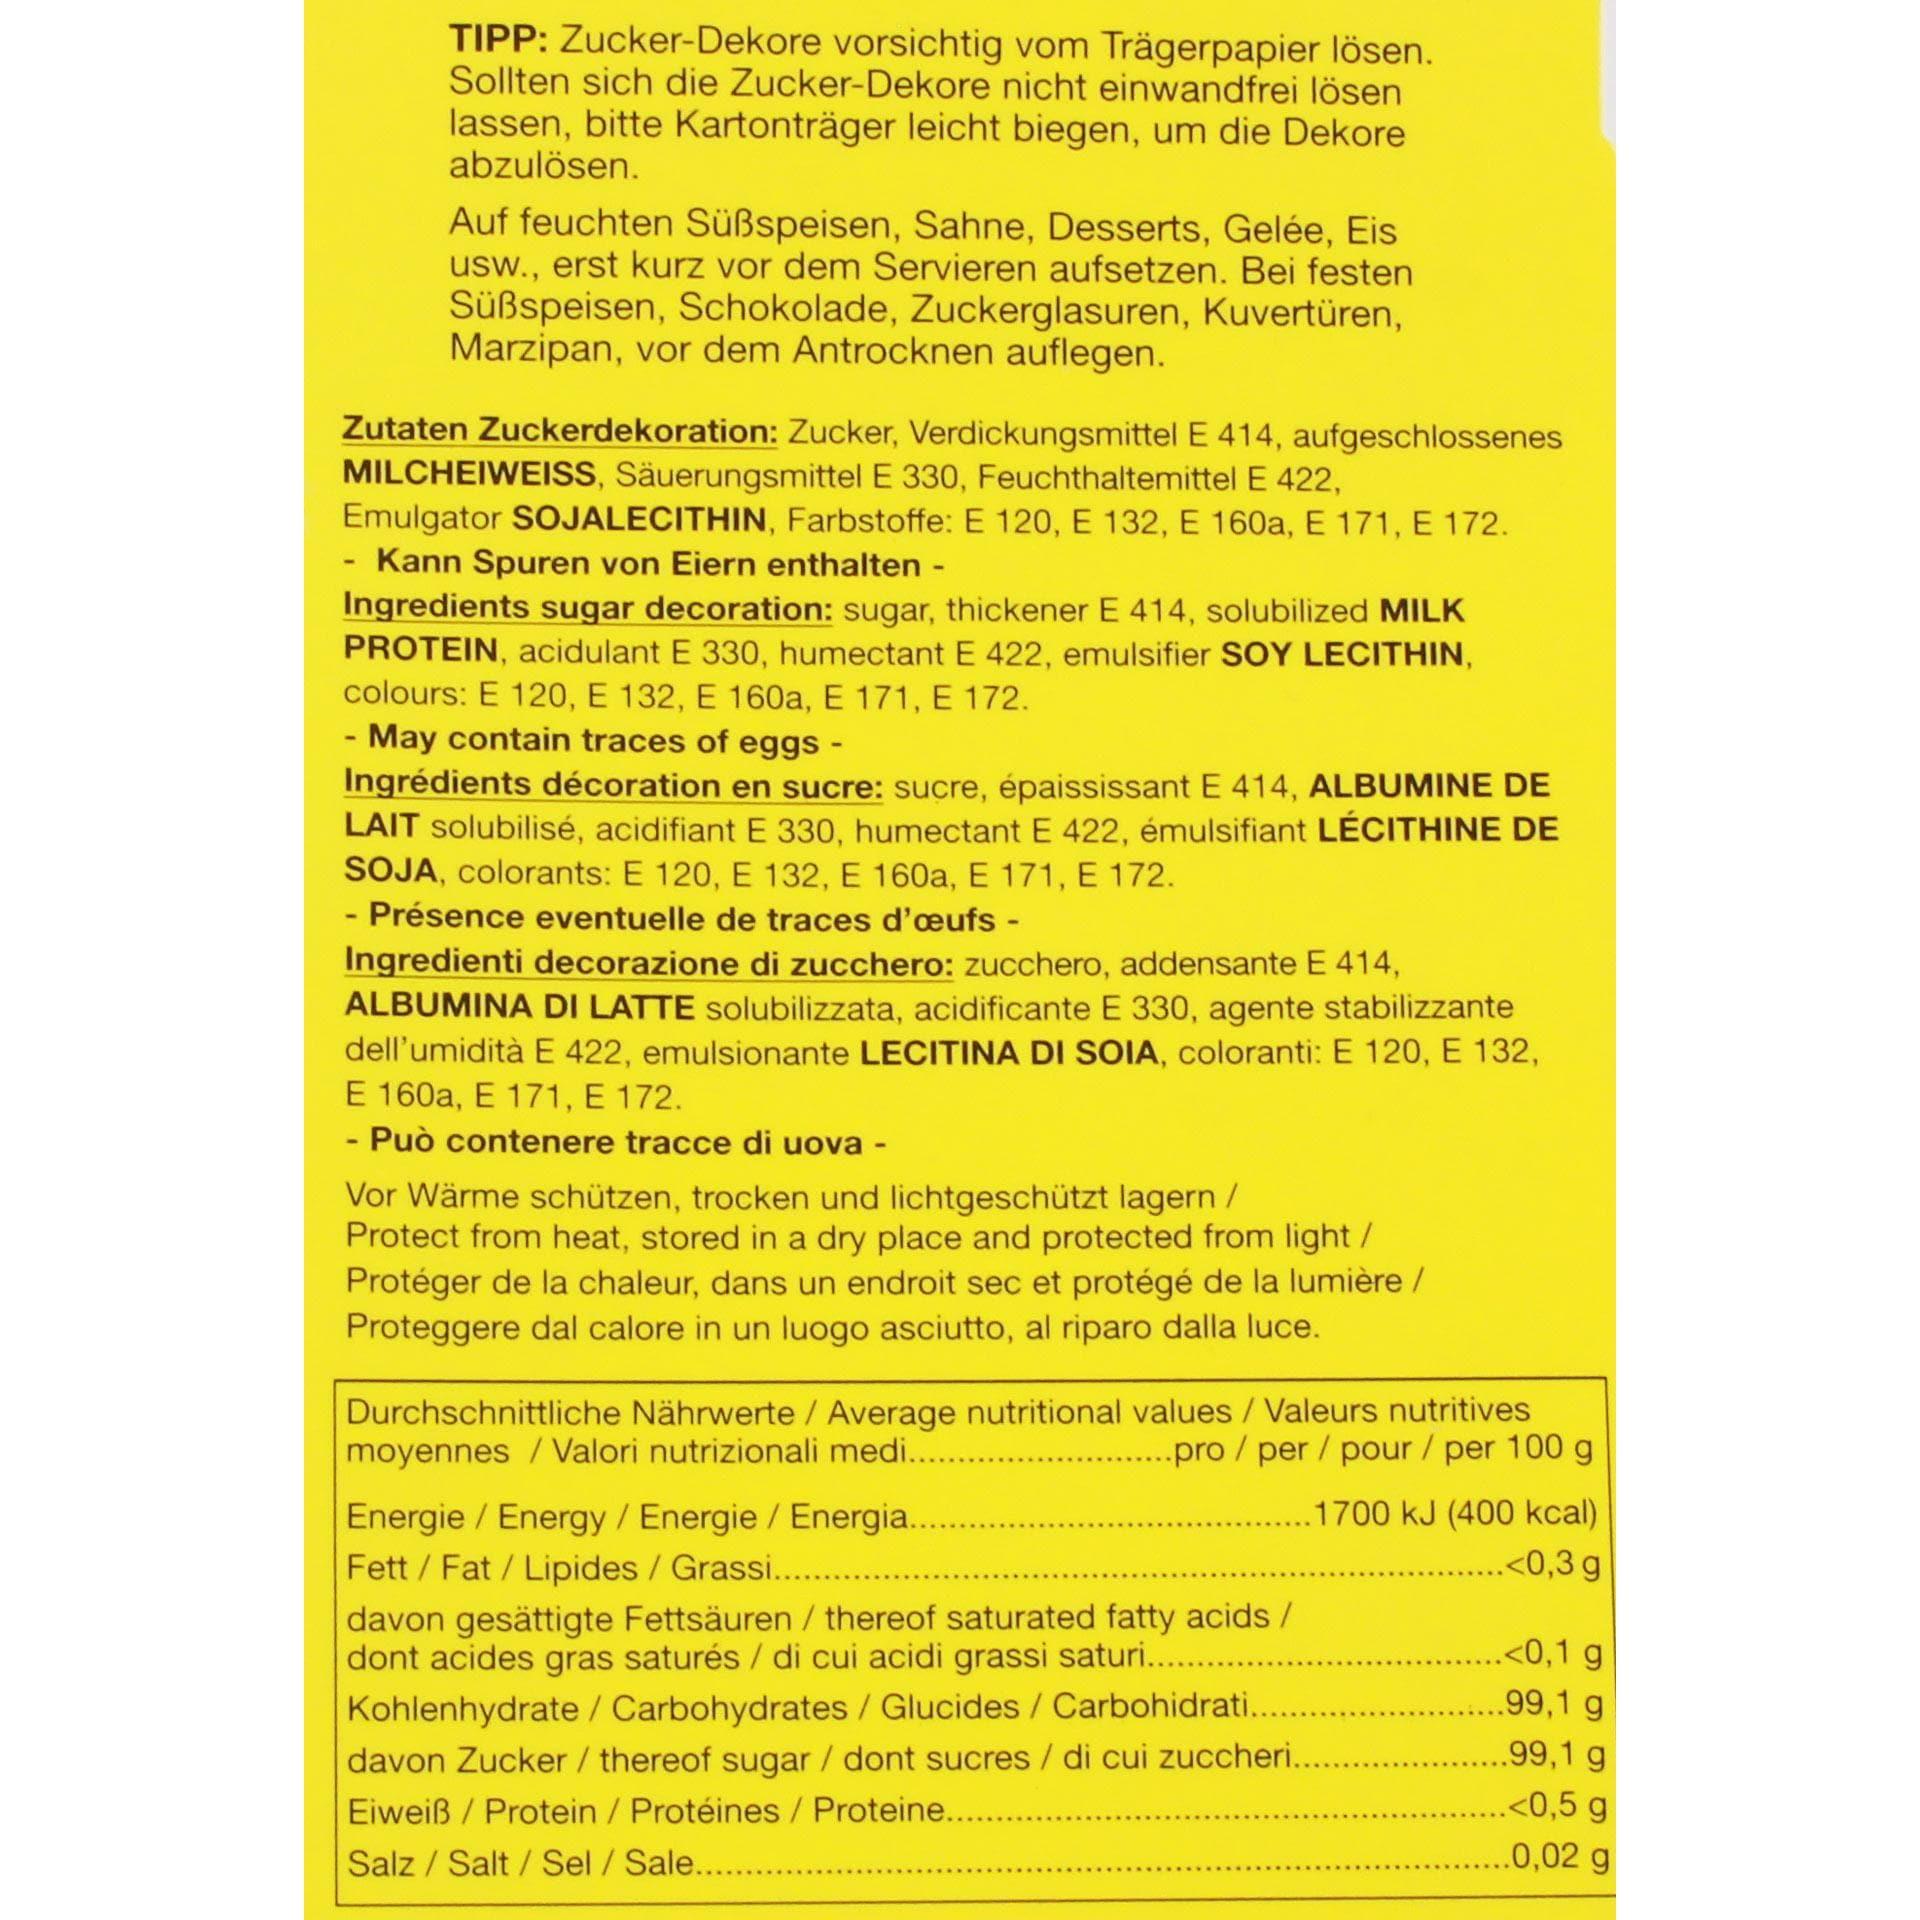 Günthart - Back&Decor Buchstaben/Zahlen Zuckerdekoration - 126St/27g